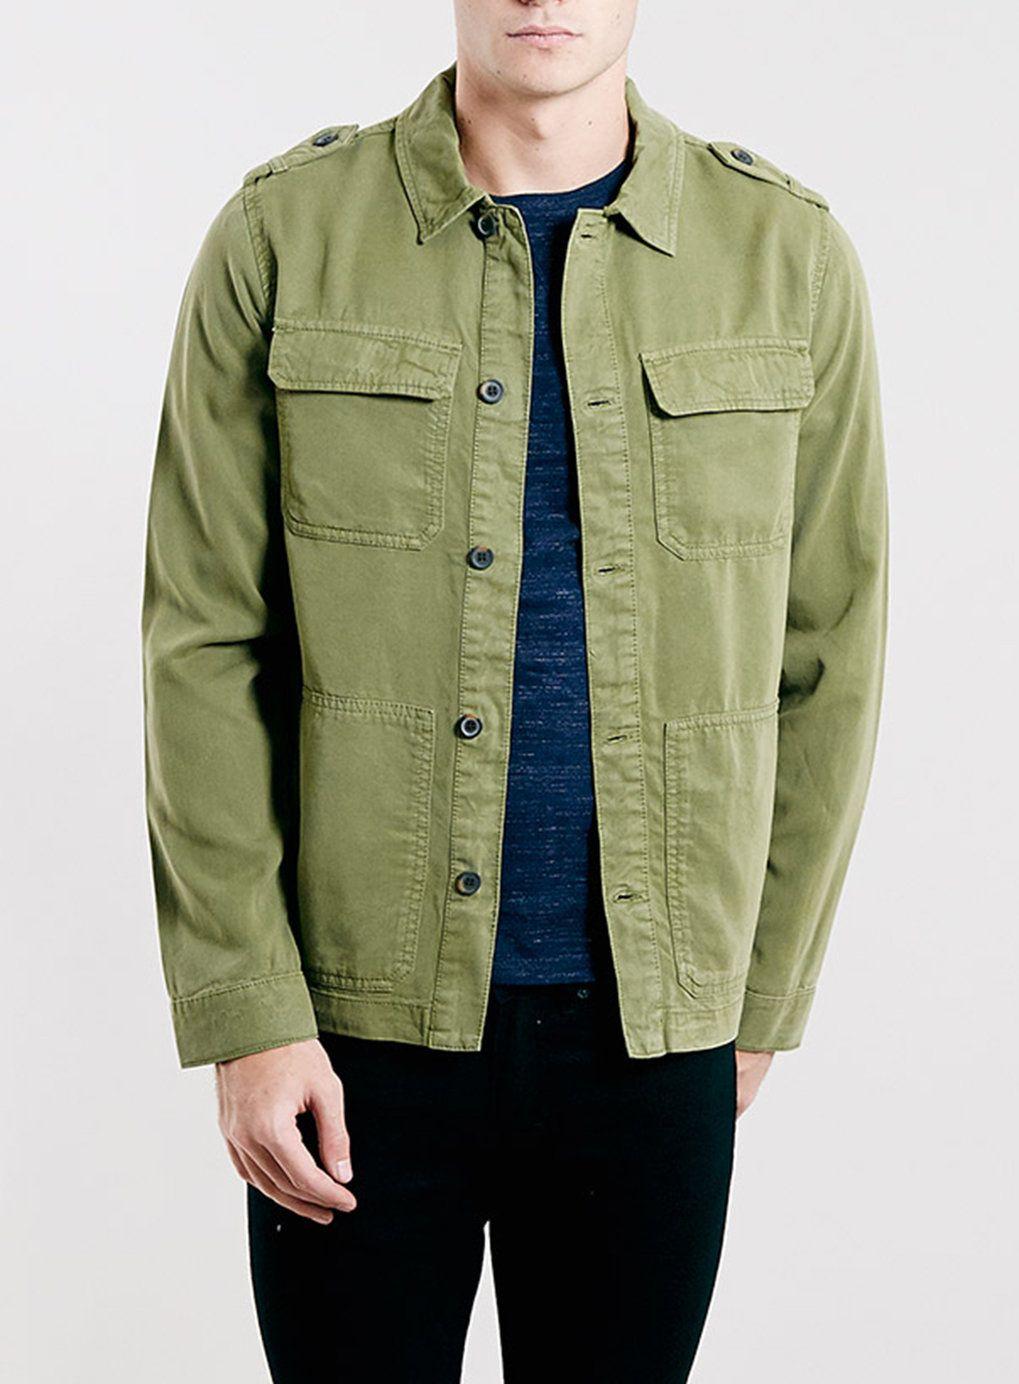 Mens khaki jacket casual - Khaki Military Shacket Mens Coats And Jacketsdenim